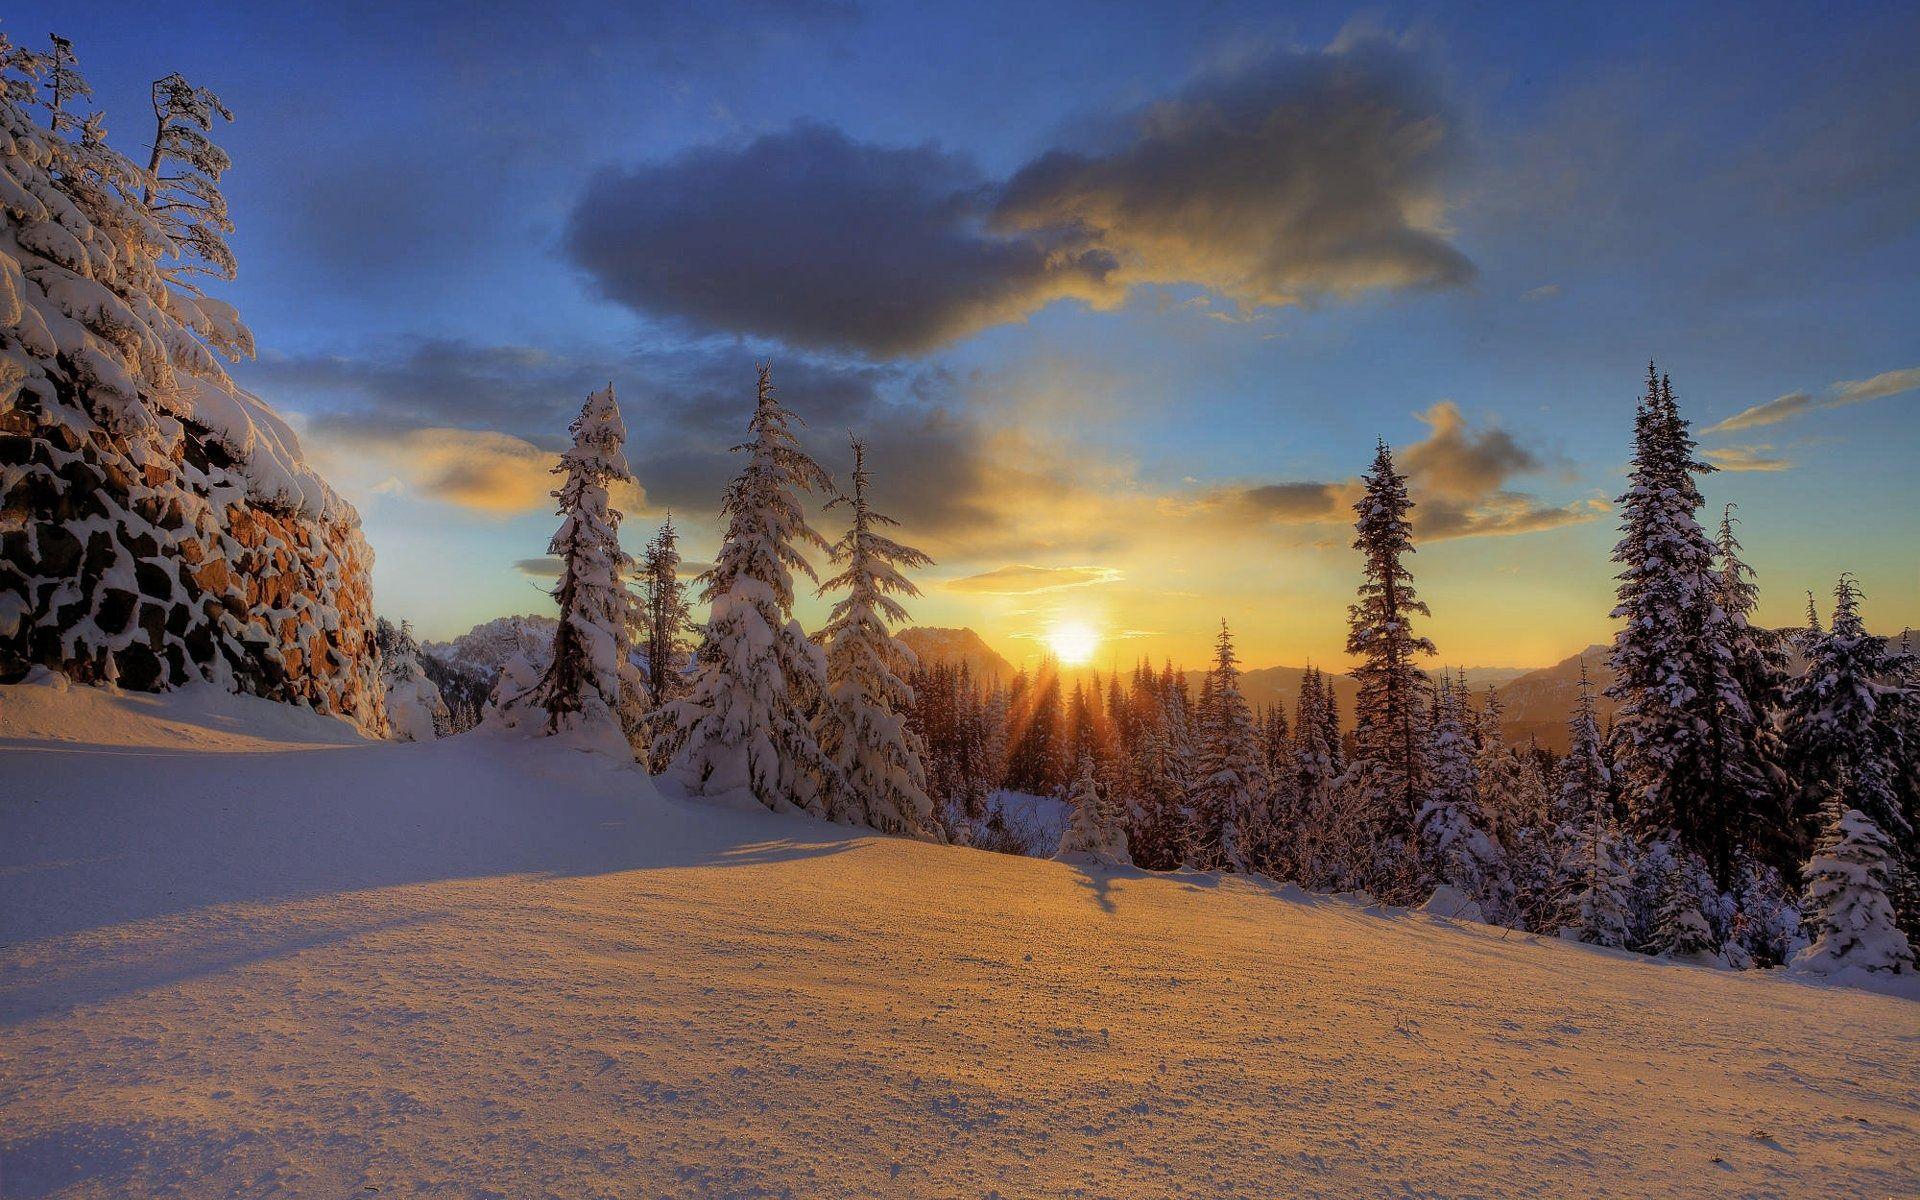 Winter Sunset Desktop Backgrounds 124 winter sunset